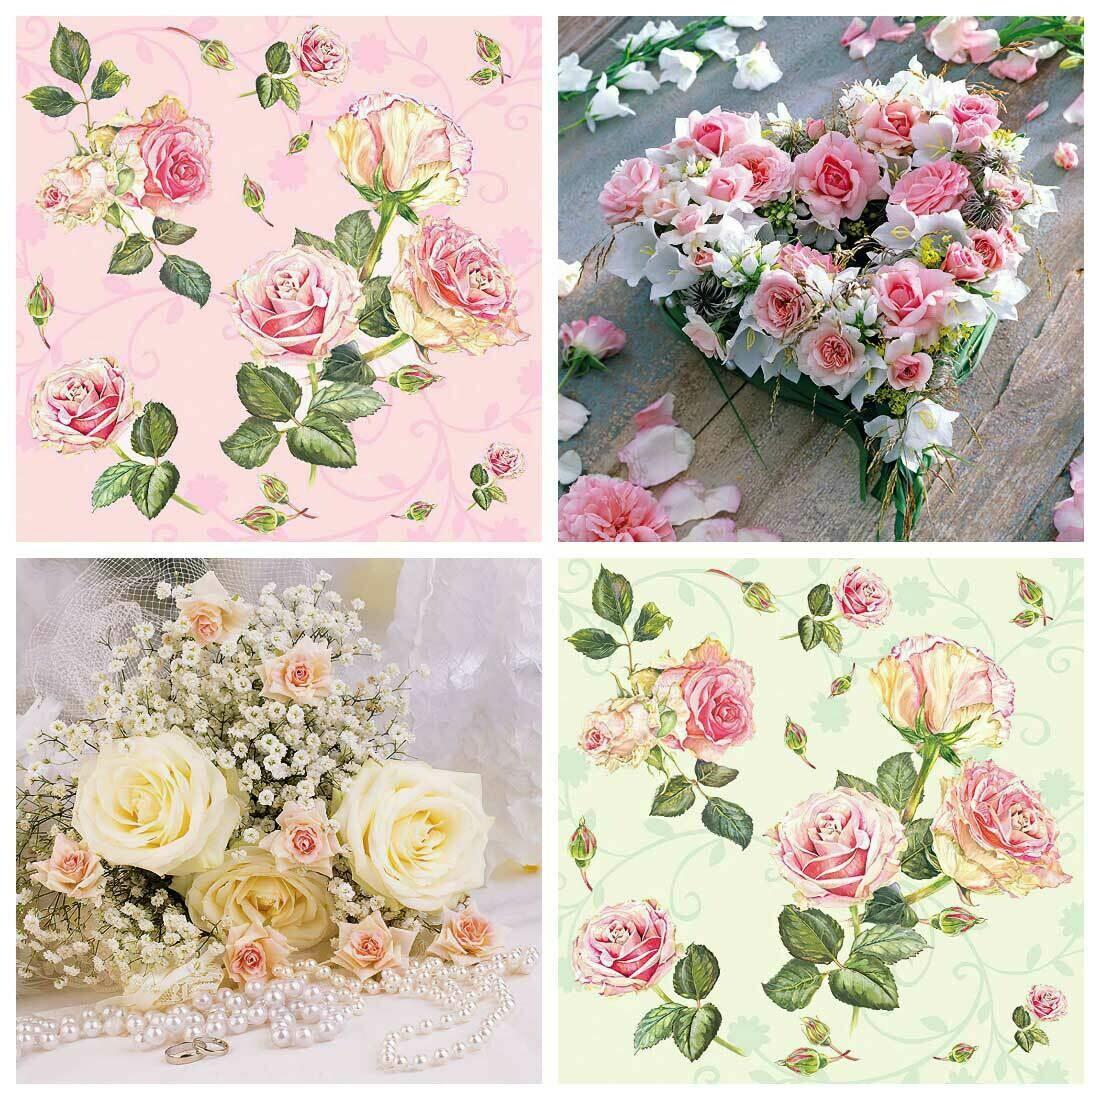 Decoupage Paper Napkins - Floral 18 13x13 (4 Sheets)